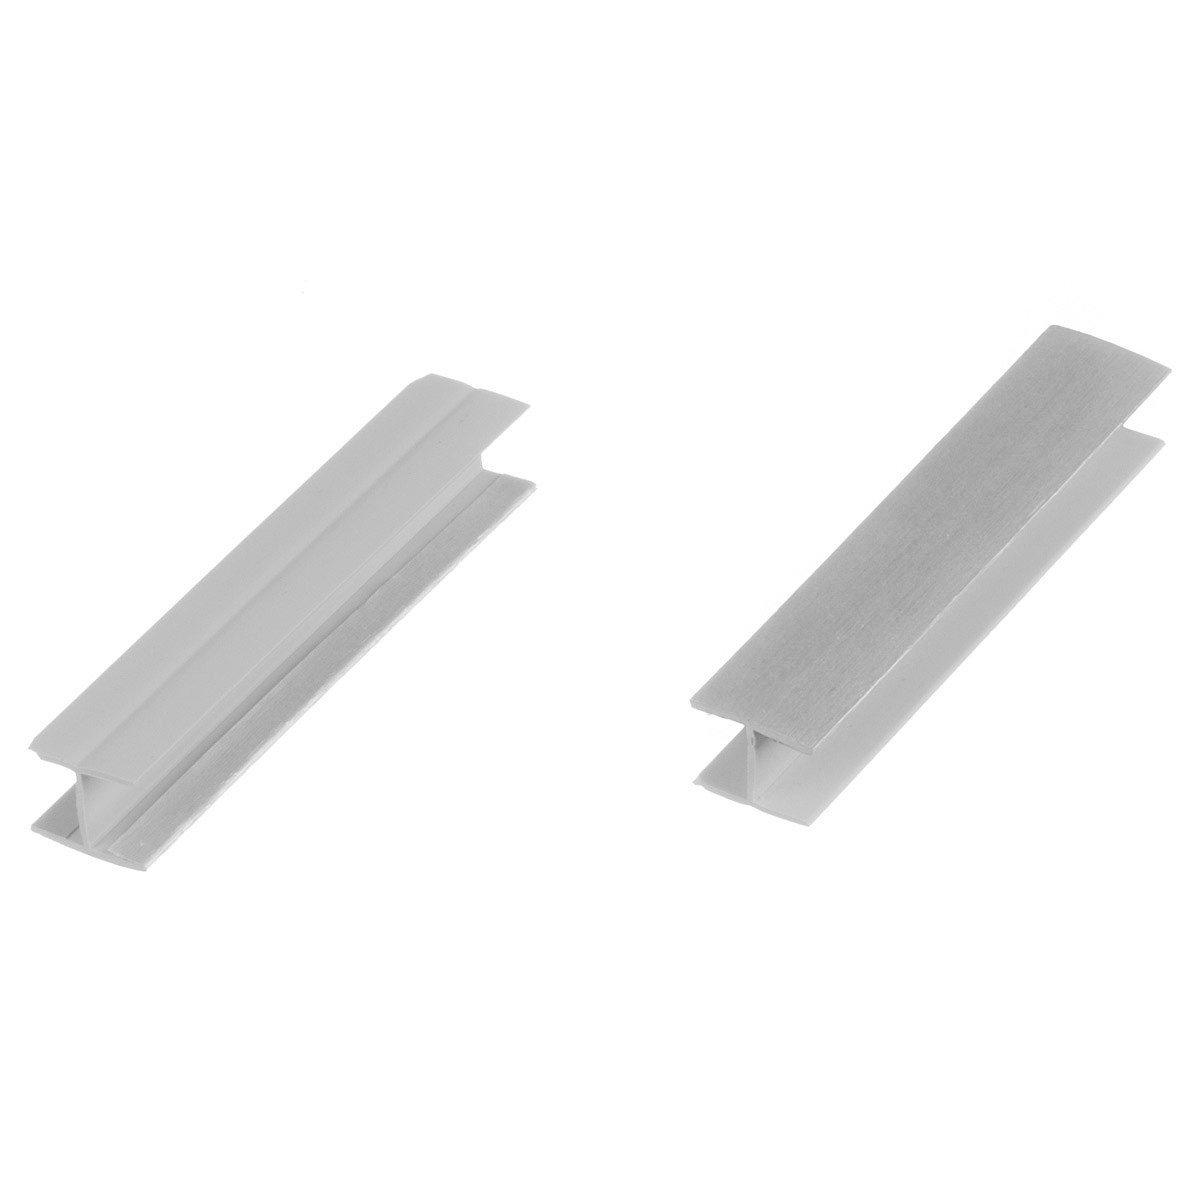 HOLZBRINK Conector para el Montaje del Z/ócalo para Cocina de M/ódulos HBK10 Altura 100 mm aluminio cepillado